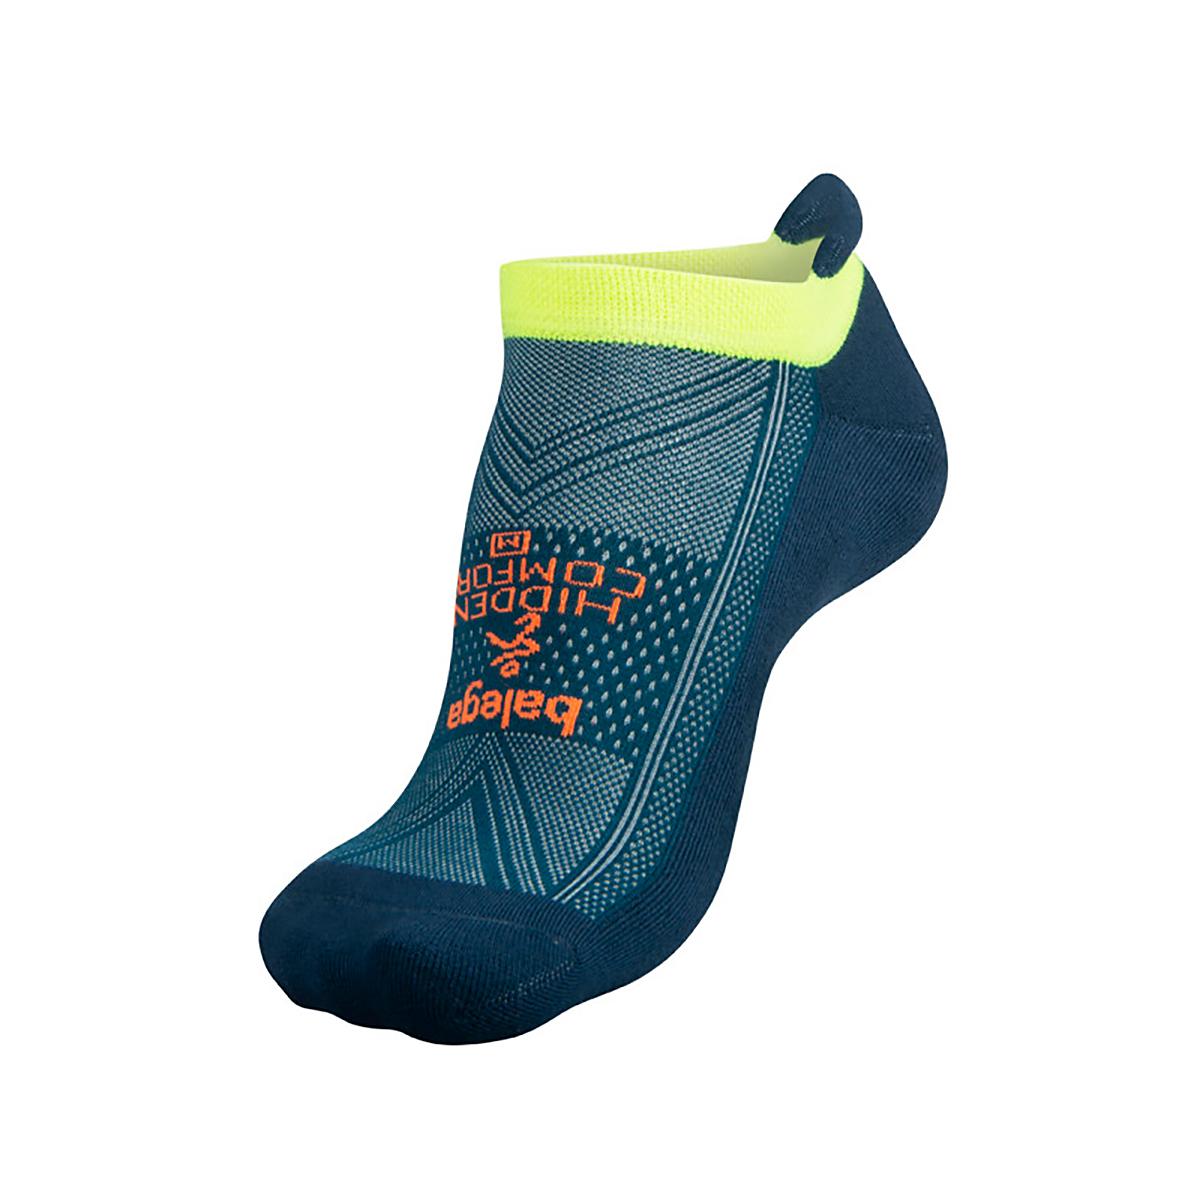 Unisex Balega Hidden Comfort No Show Socks - Color: Legion Blue/Teal Size: S, Blue, large, image 2